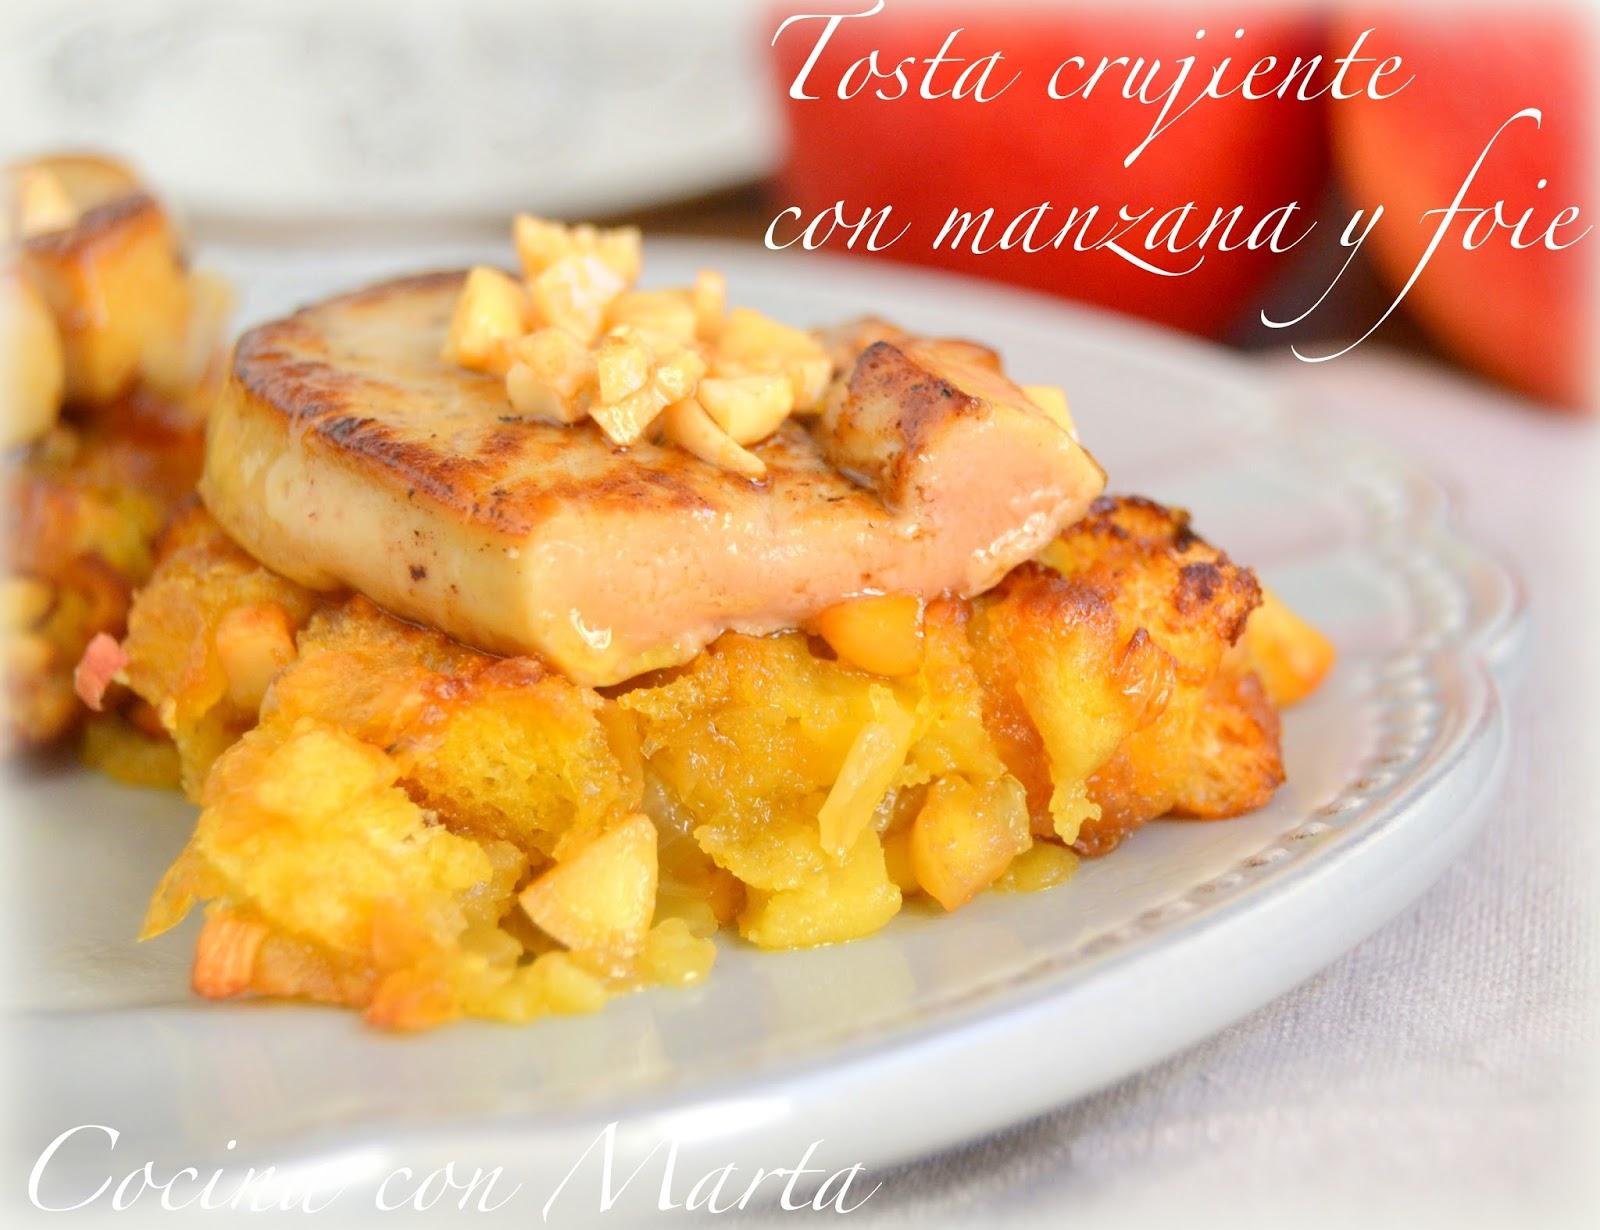 Tosta o tostadas crujientes con manzana, almendras, curry y foie mi cuit. Receta casera, fácil, especial para fiestas, celebraciones y navidad.